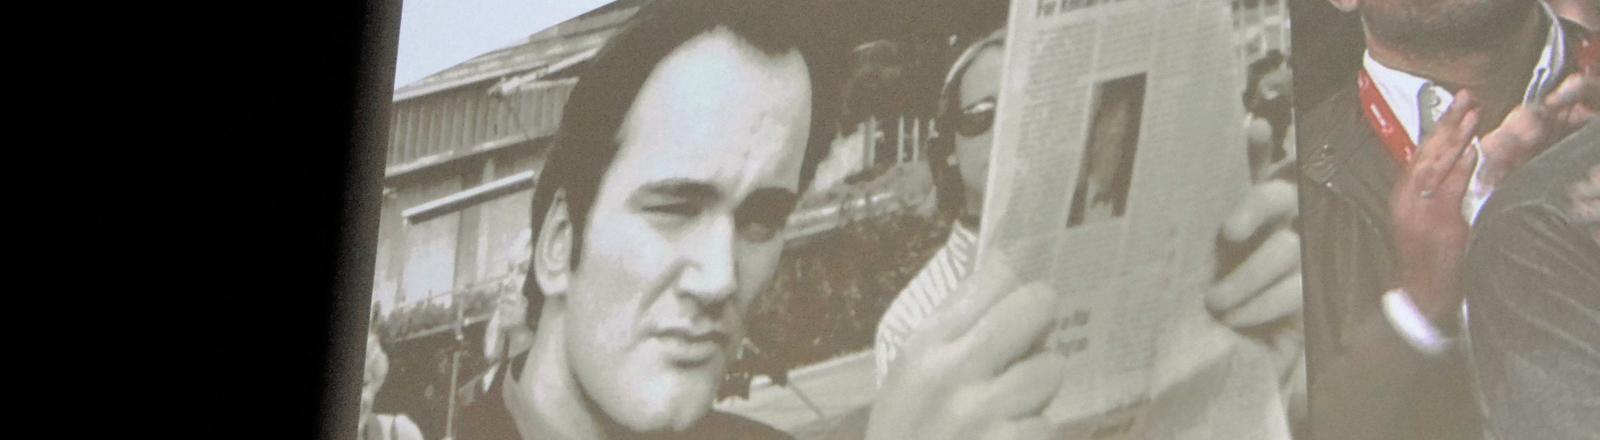 Ein Foto von Quentin Tarantino, das bei einer Preisverleihung auf eine Wand projiziert wird.